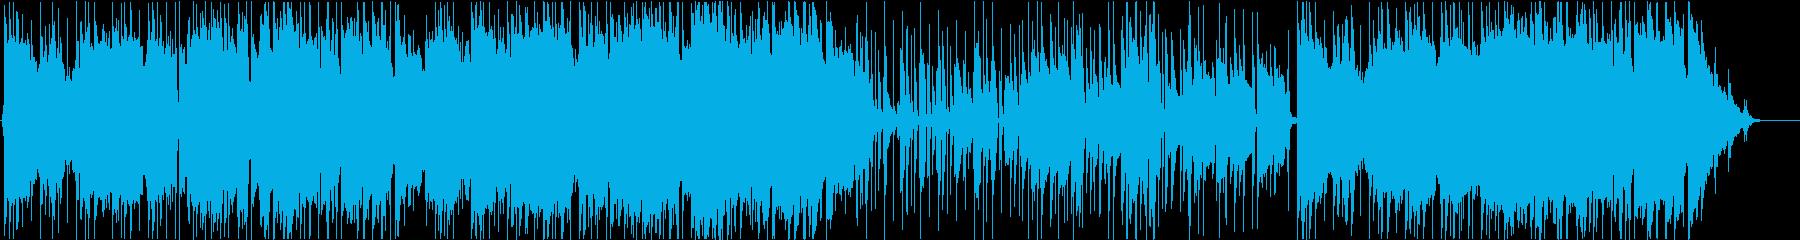 J.S.バッハ「G線上のアリア」AOR風の再生済みの波形